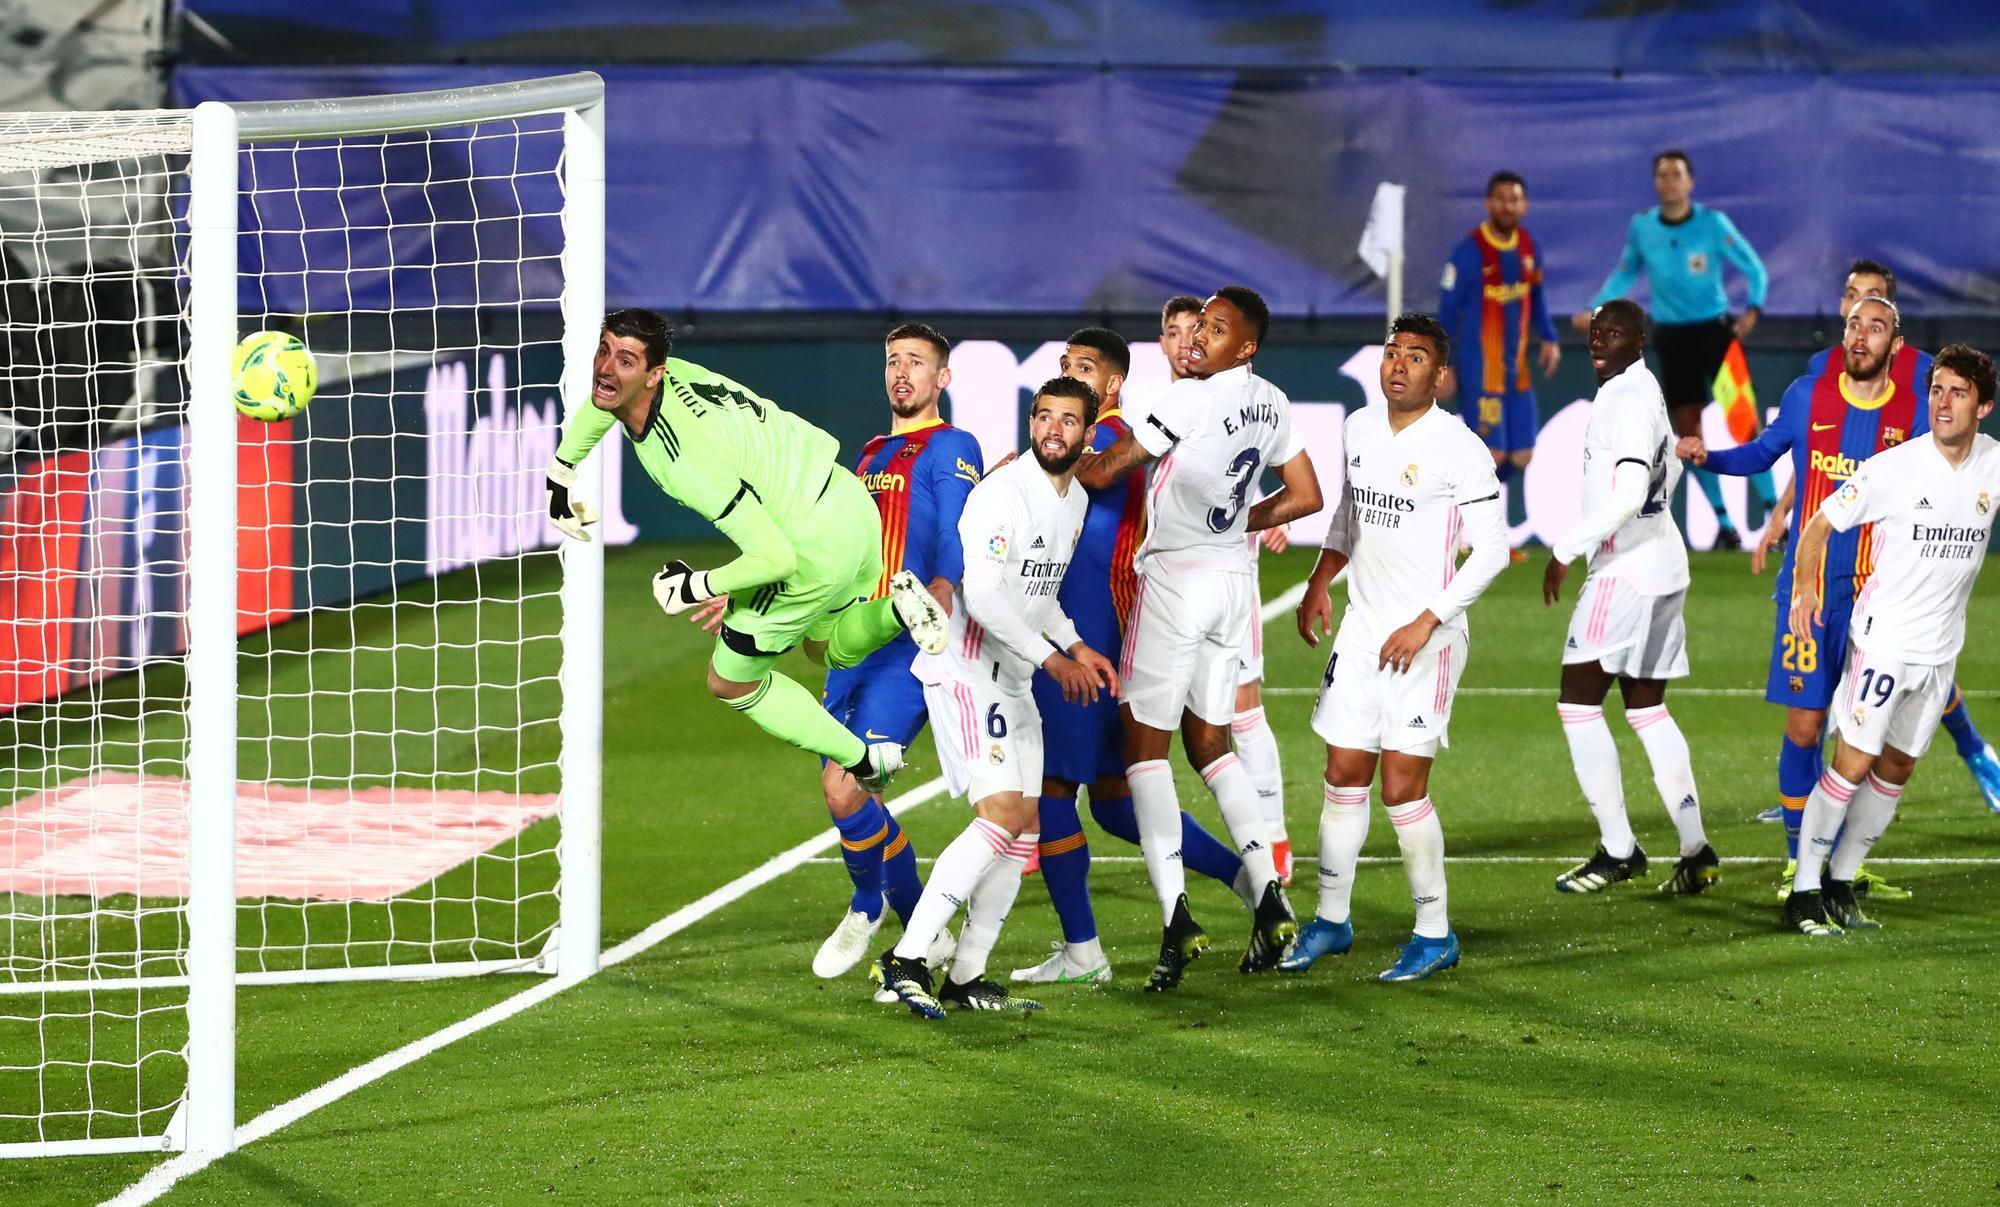 Los jugadores de Real Madrid y Barcelona contemplan con un lanzamiento de Messi se estrella en el palo durante el Clásico